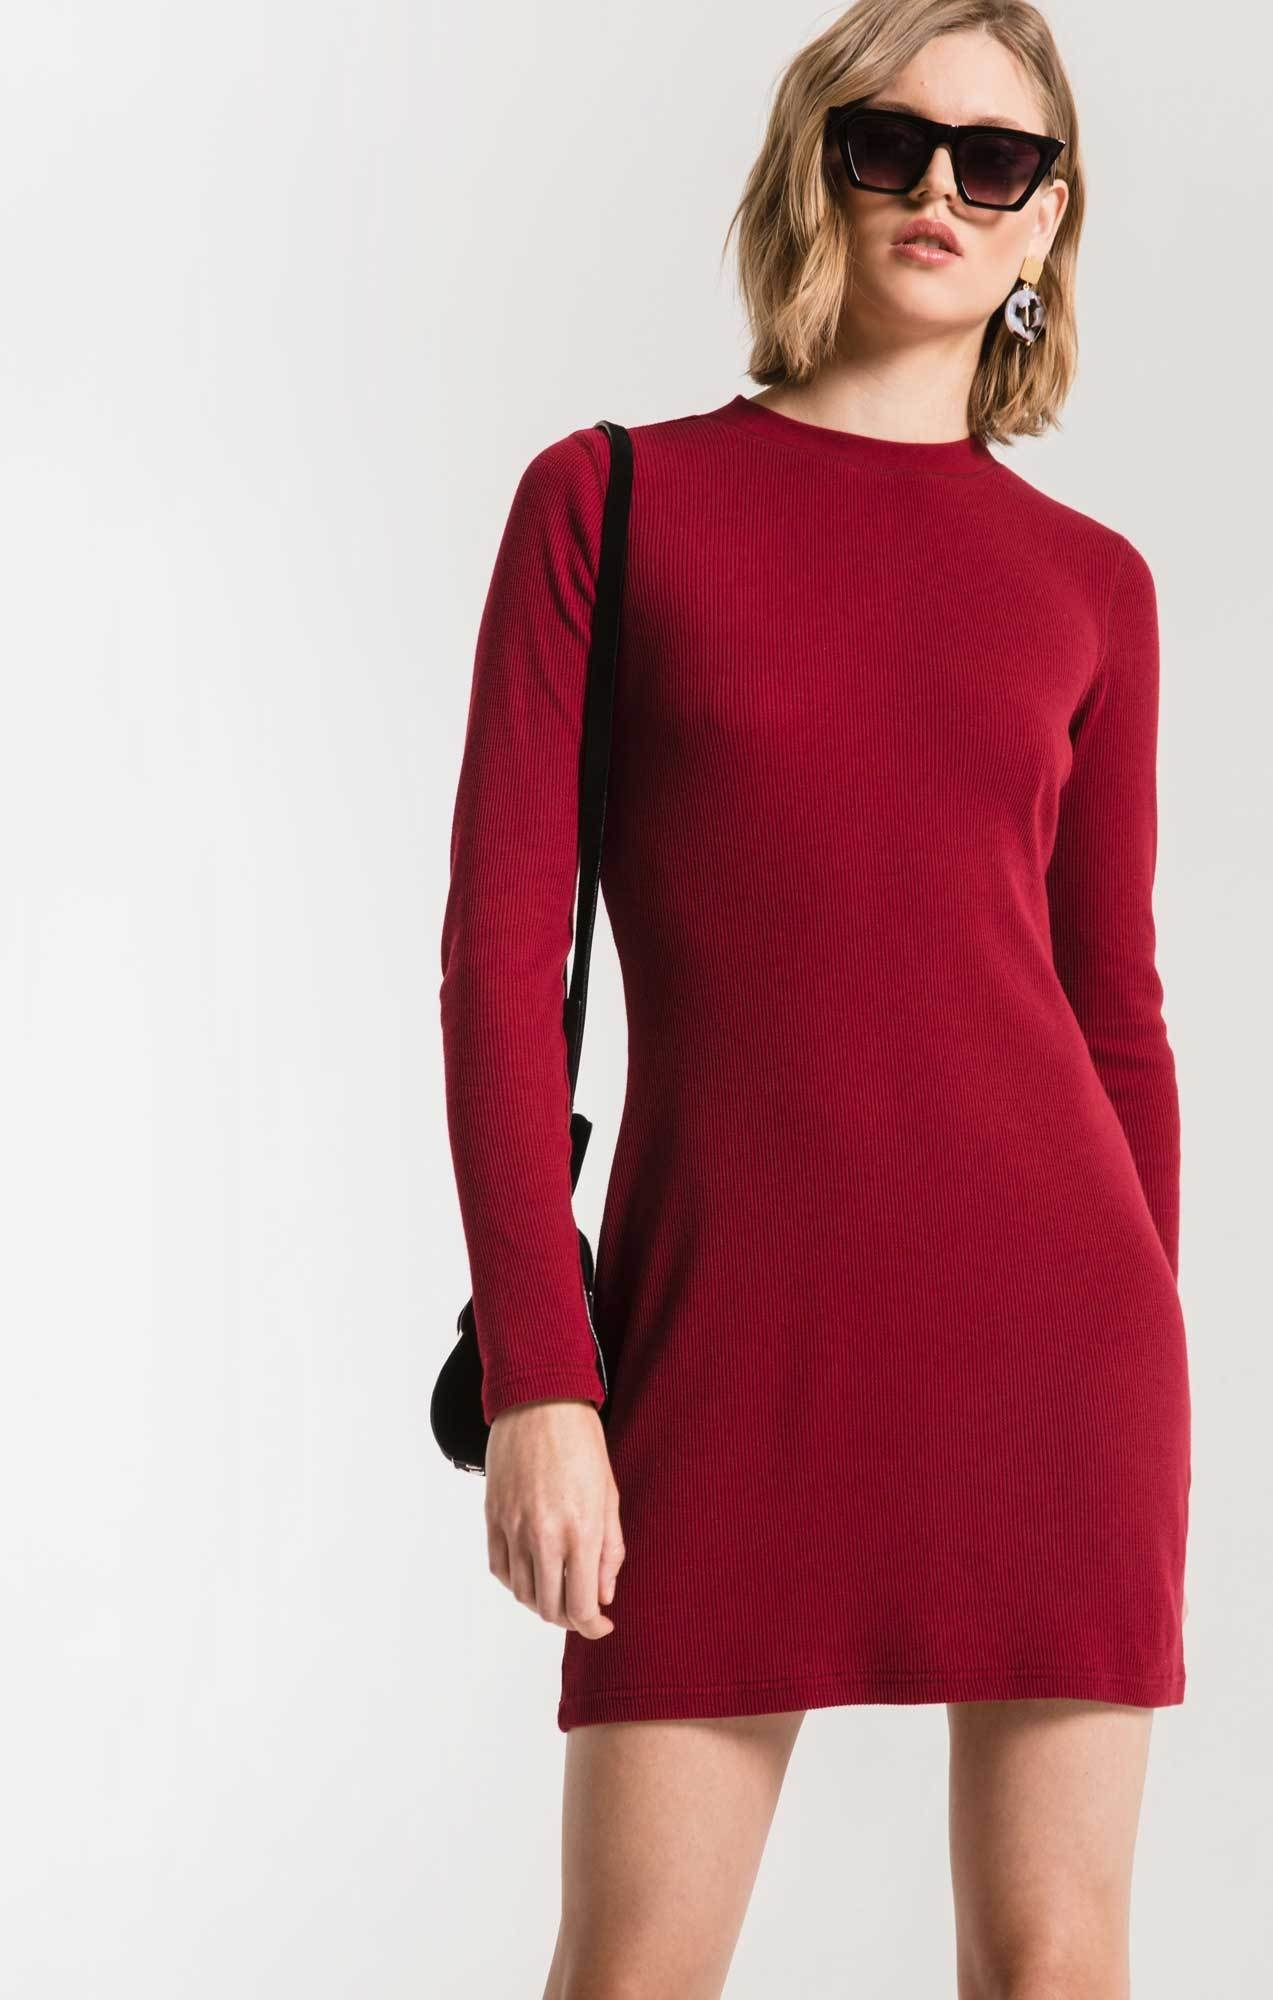 Z Supply Thermal L/S Dress